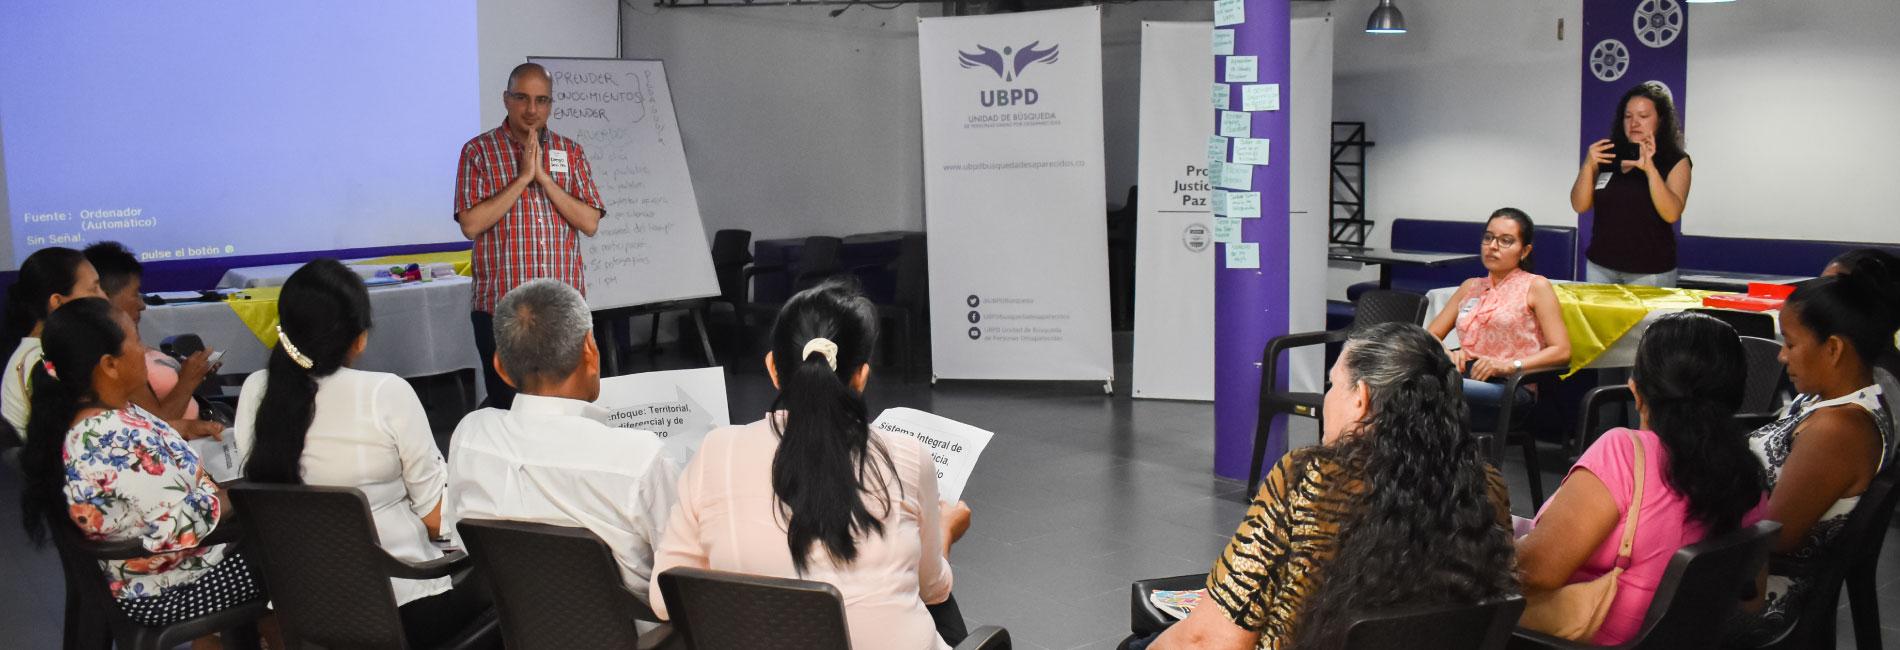 Humanitaria - UBPD